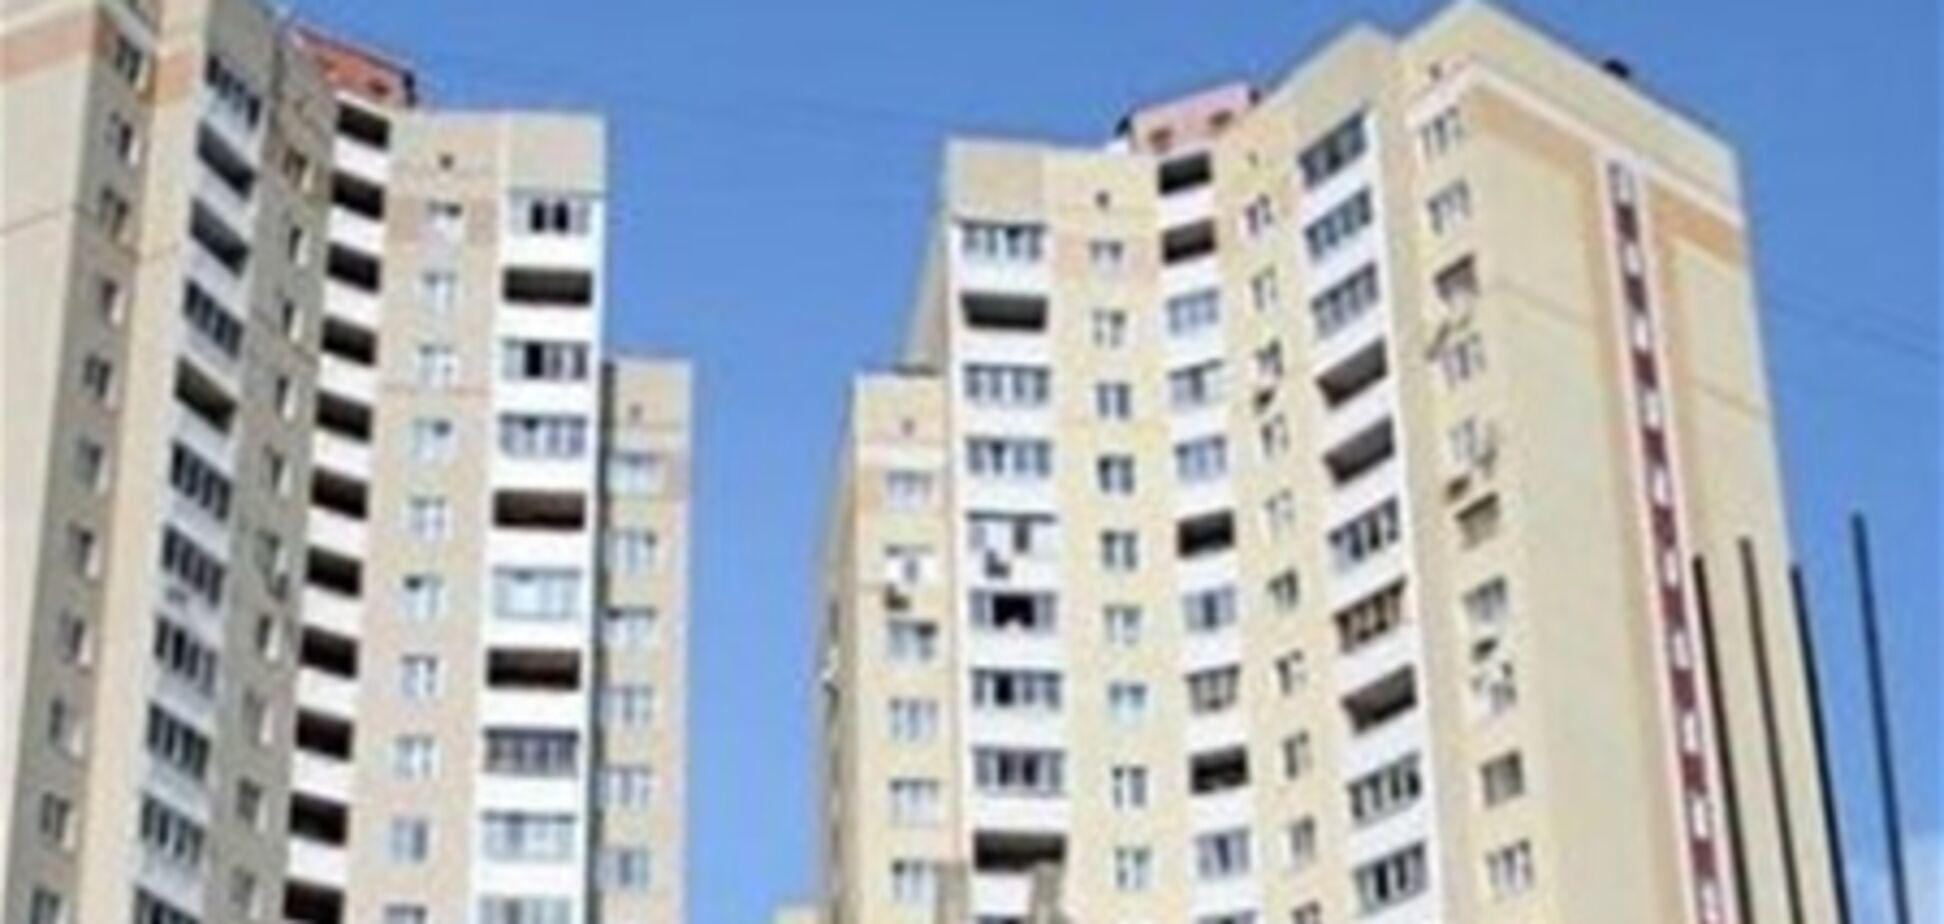 Купить квартиру в ближайшие 3 года планируют 20% харьковчан